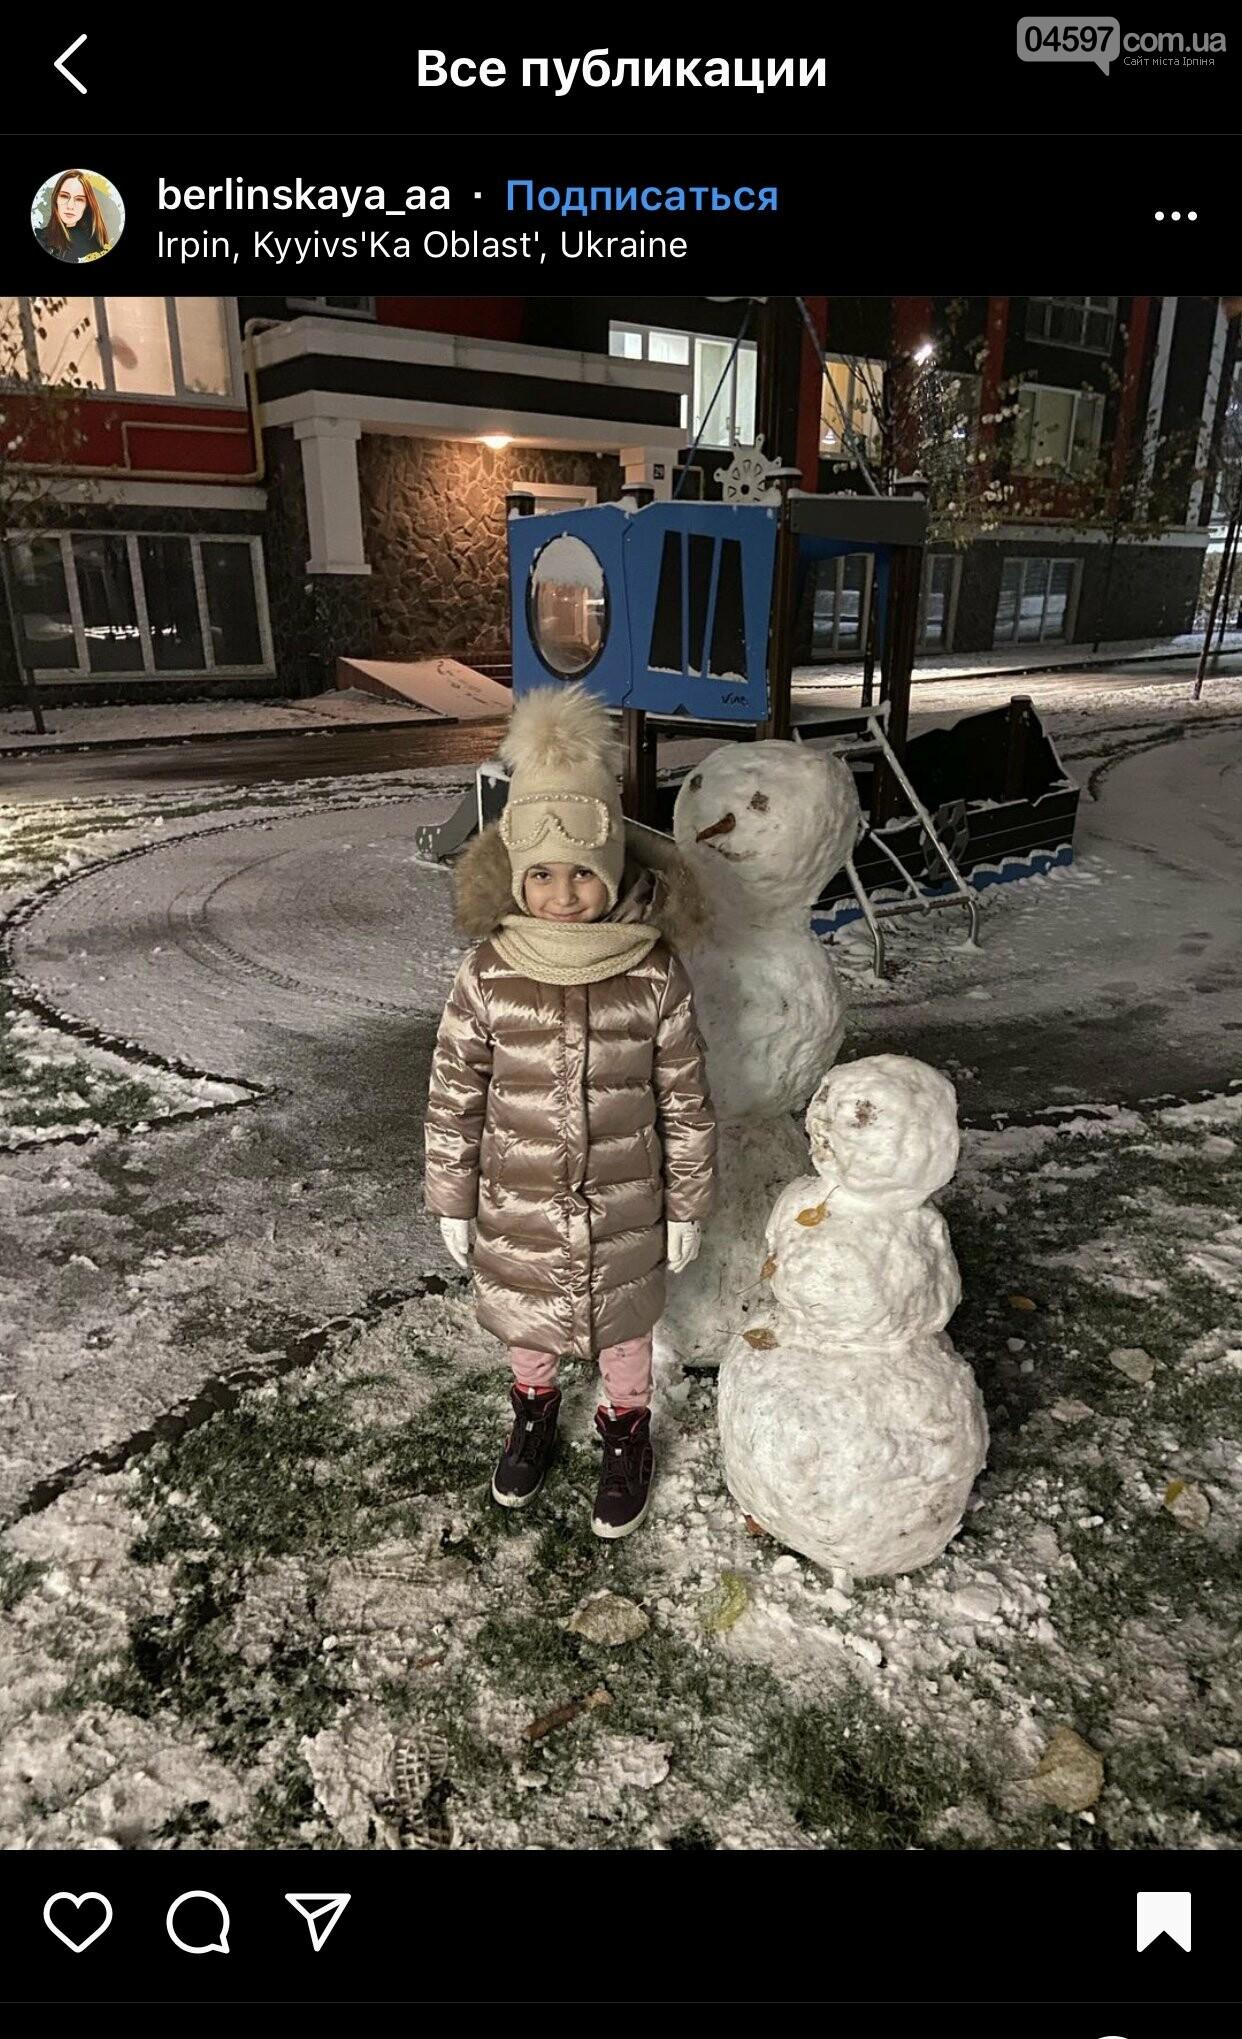 Сніг не тане: в Ірпені зліпили перших сніговиків, фото-3